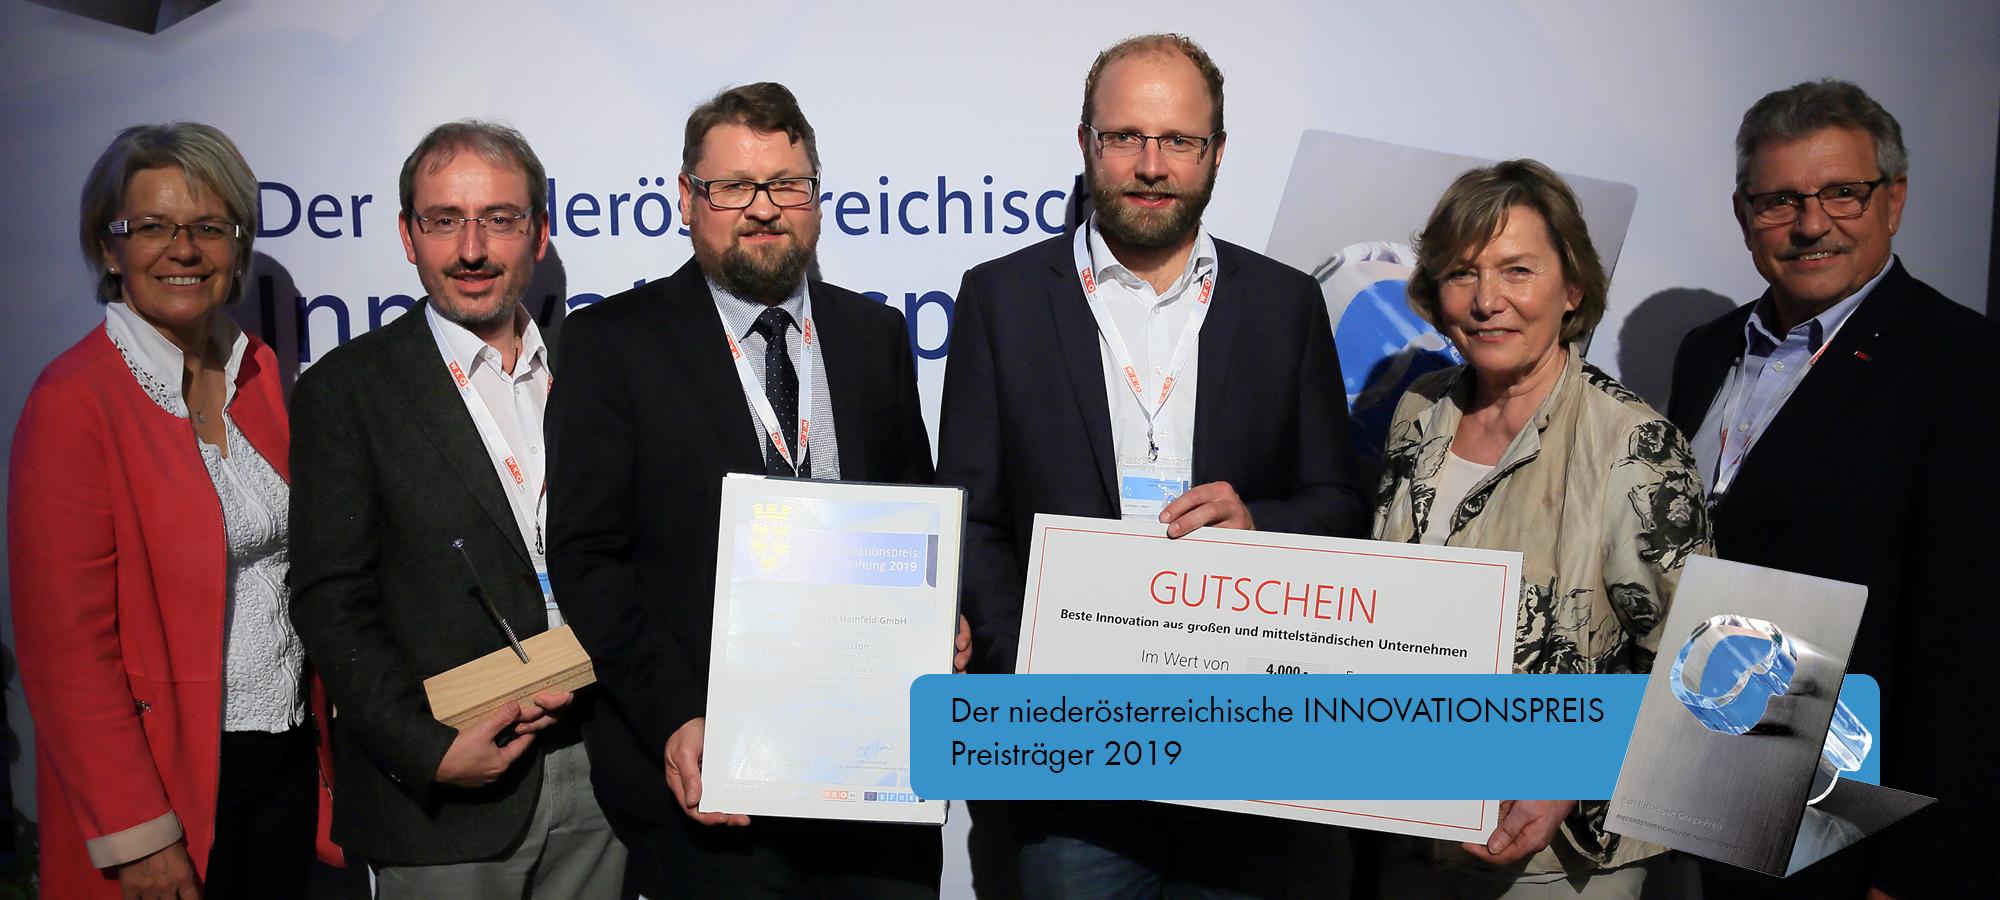 Schmid Schrauben Hainfeld gagne le Niederösterreichischer Innovationspreis [prix de l'innovation de Basse-Autriche] 2019